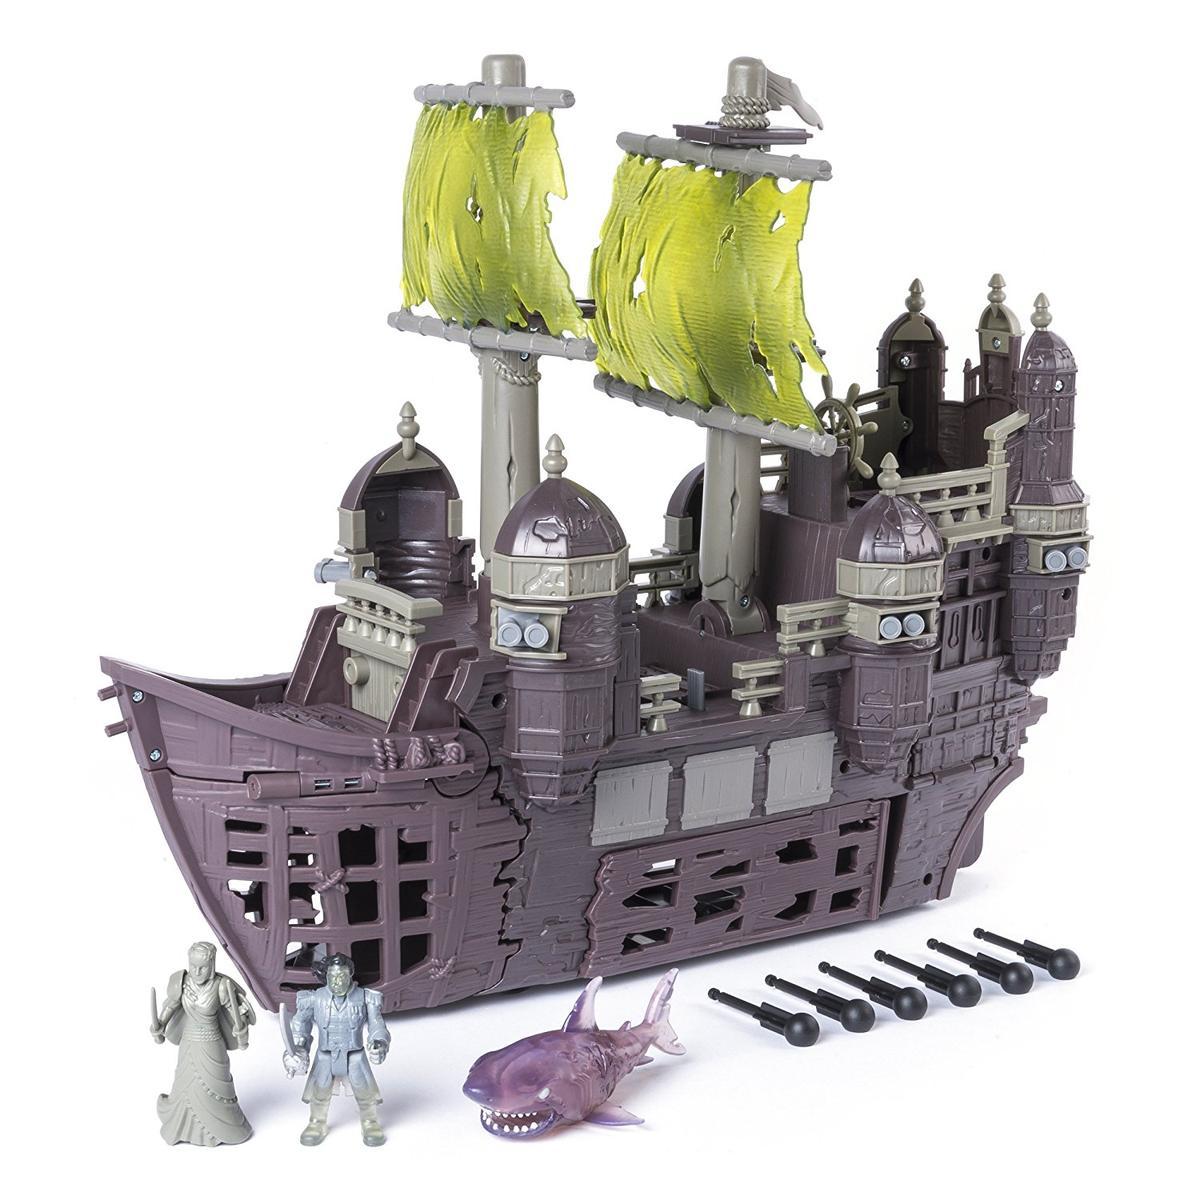 パイレーツ・オブ・カリビアン 最後の海賊 おもちゃ サイレント・メアリー号 フィギュア プレイセット 海外